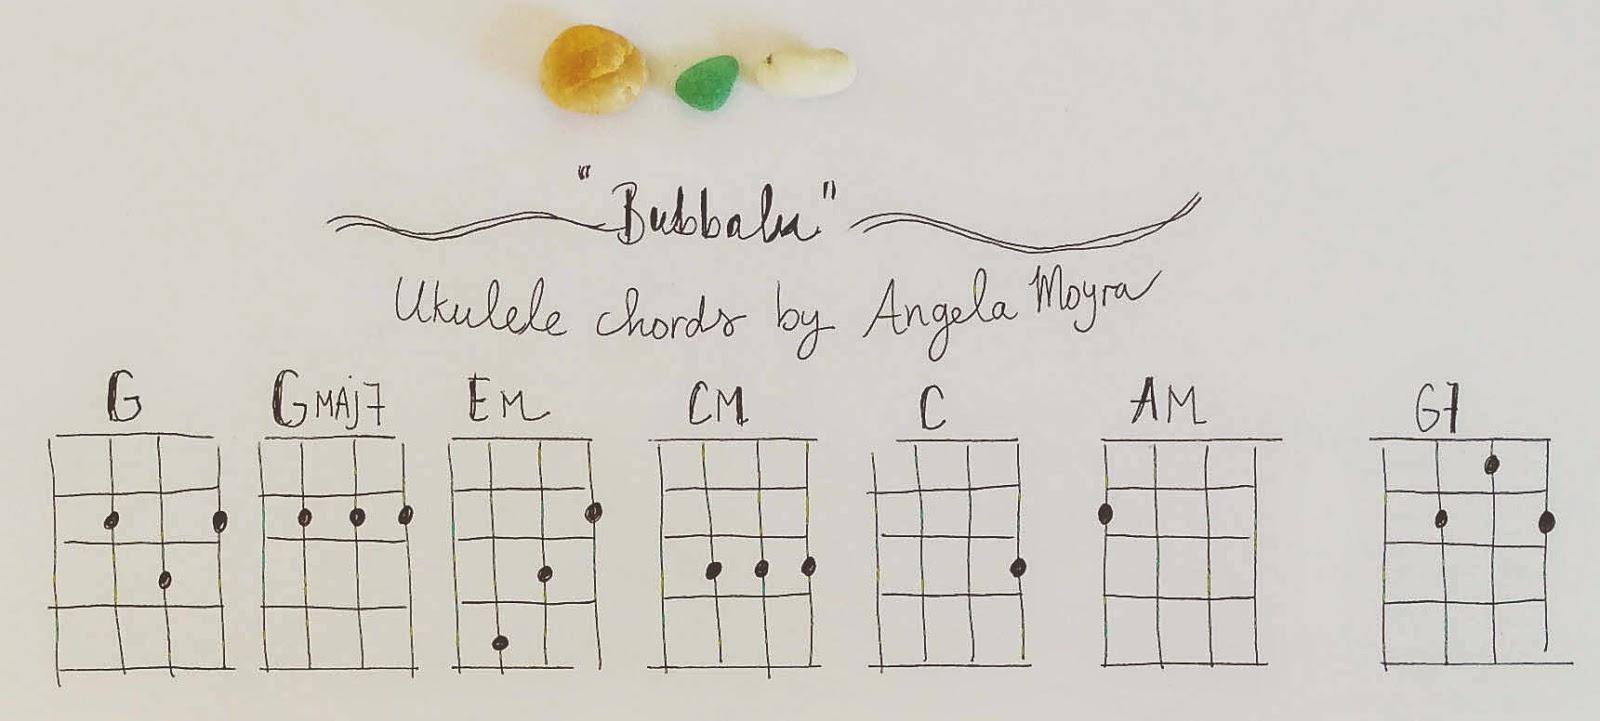 Fickle island bubbalu ukulele chords bubbalu ukulele chords hexwebz Gallery